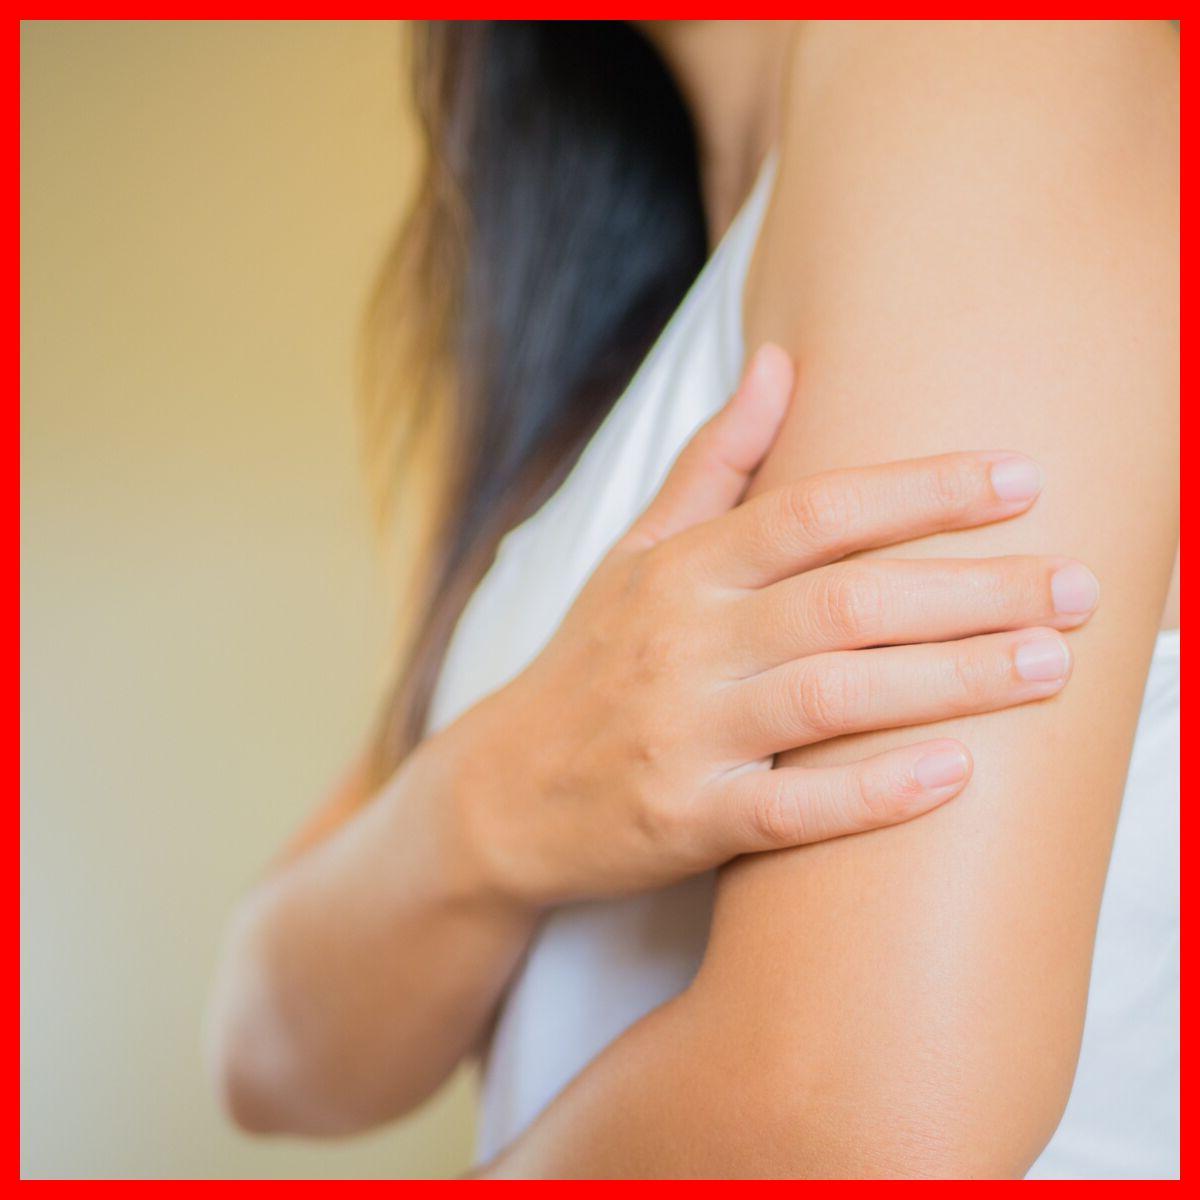 Qu'est-ce que la douleur au bras ? Symptômes, causes, diagnostic, traitement et prévention